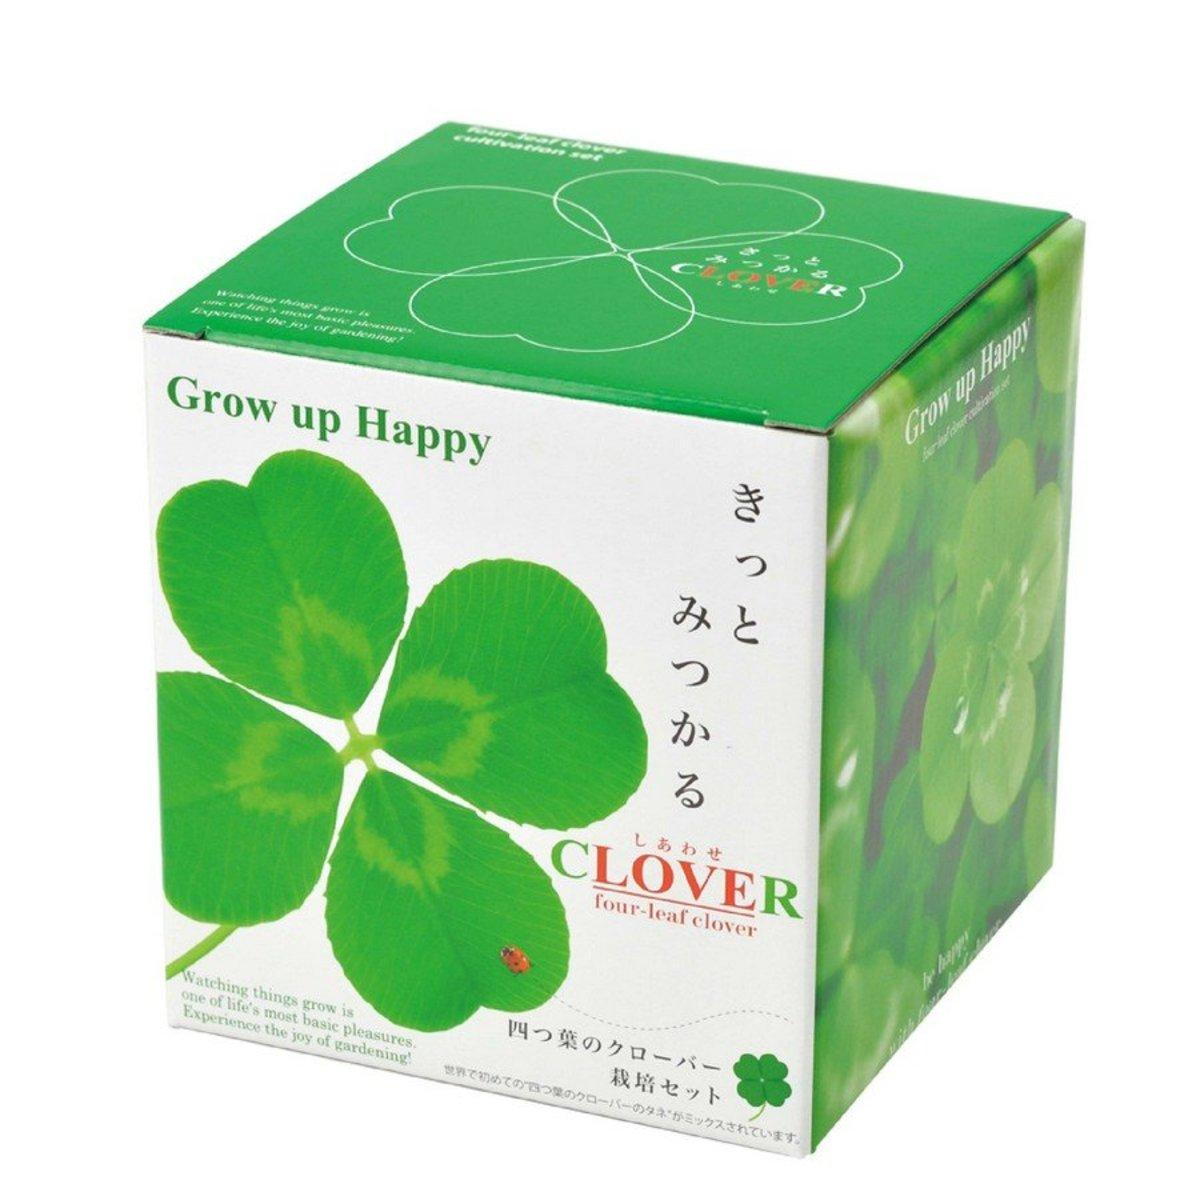 四葉草盒子